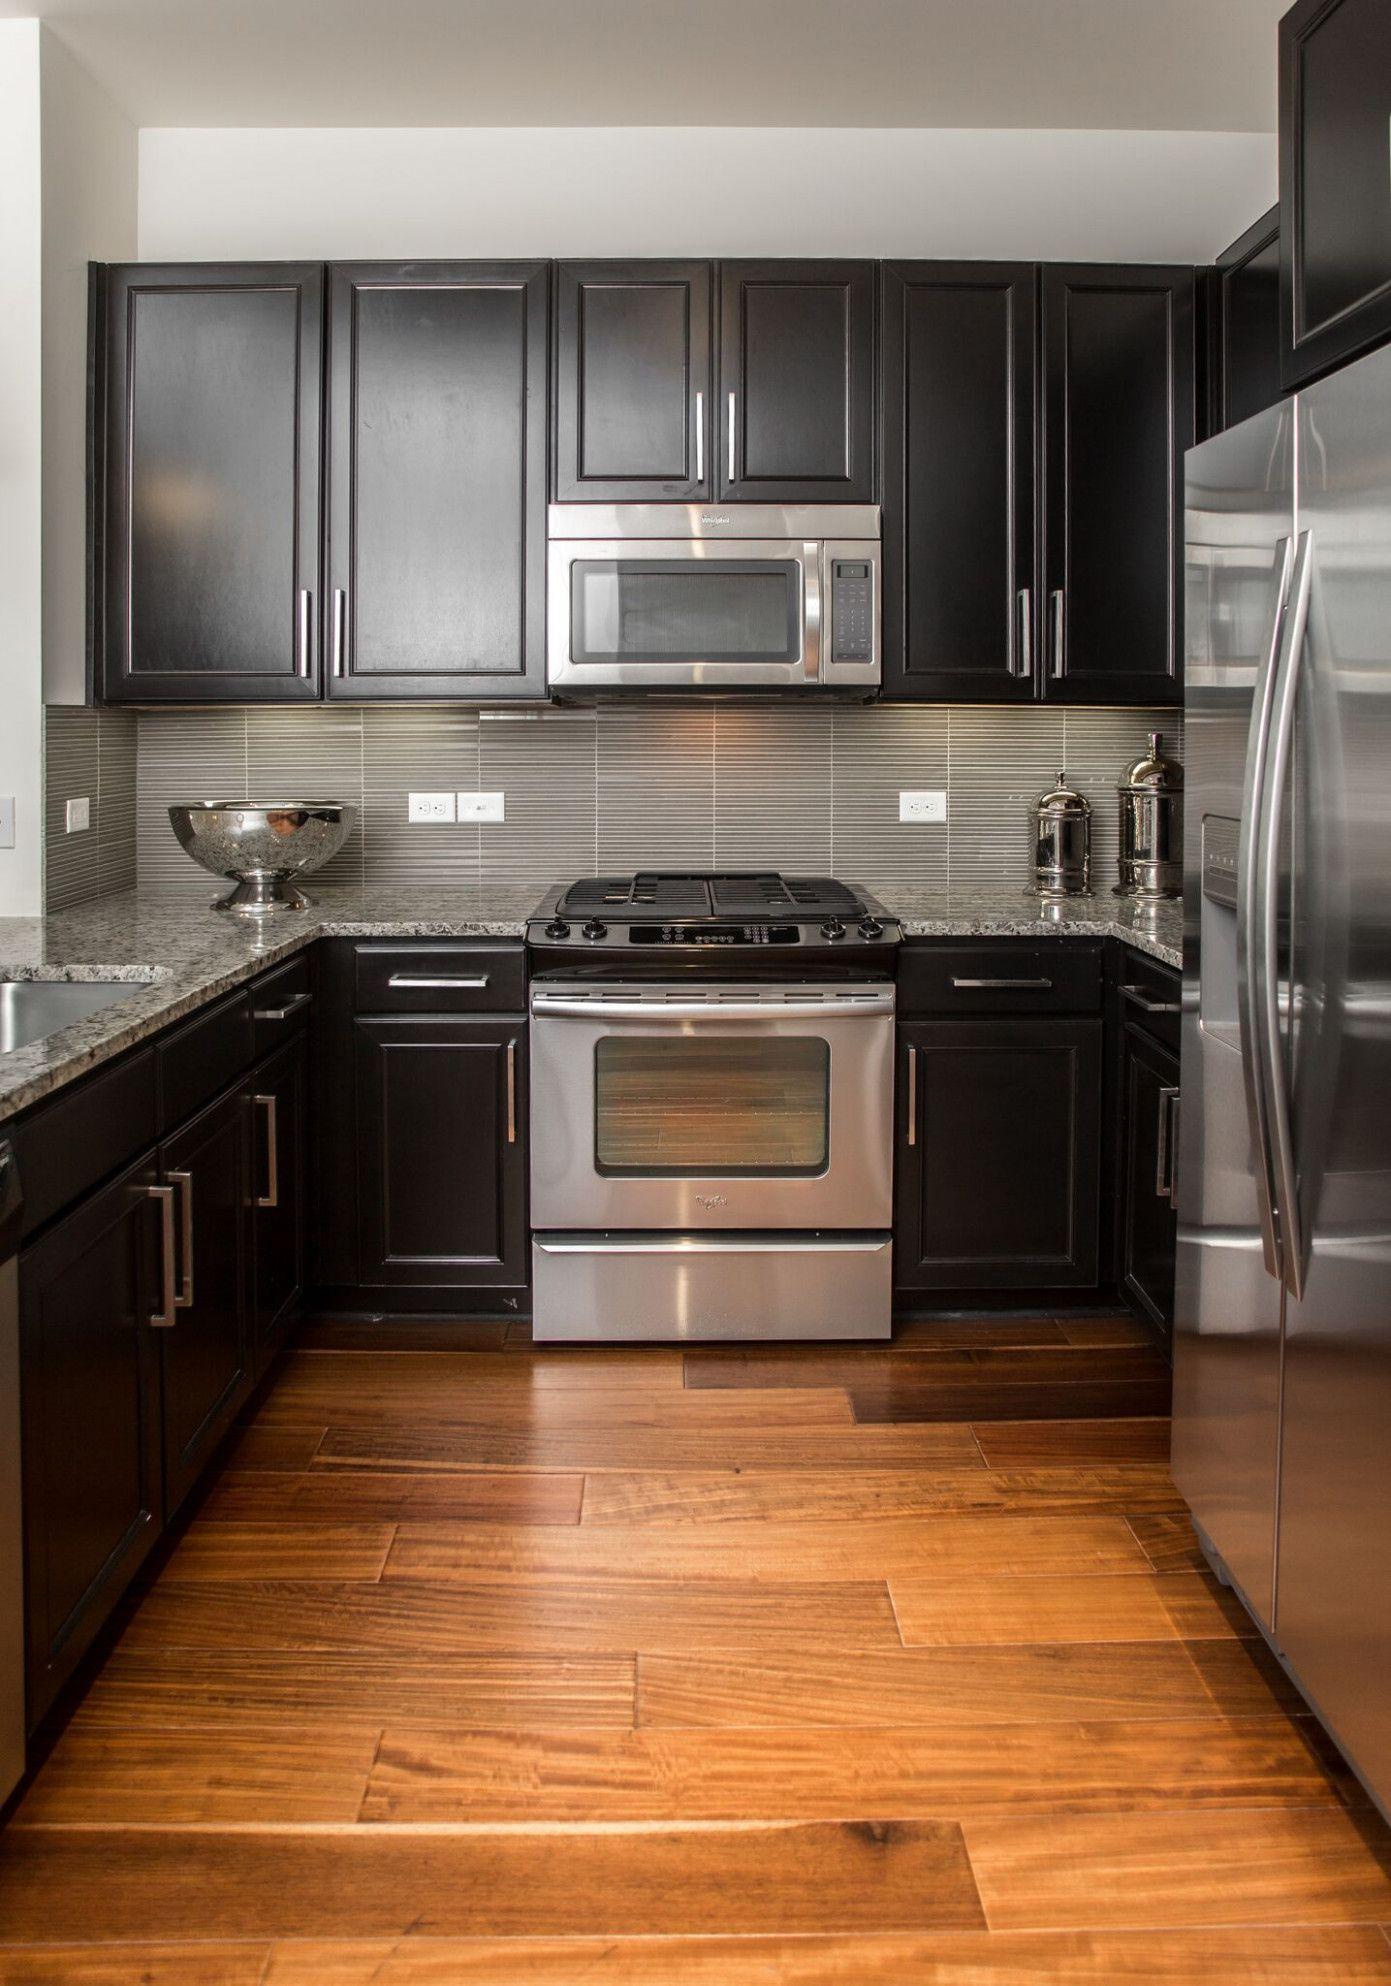 14 New Cheap Kitchen Houston di 2020